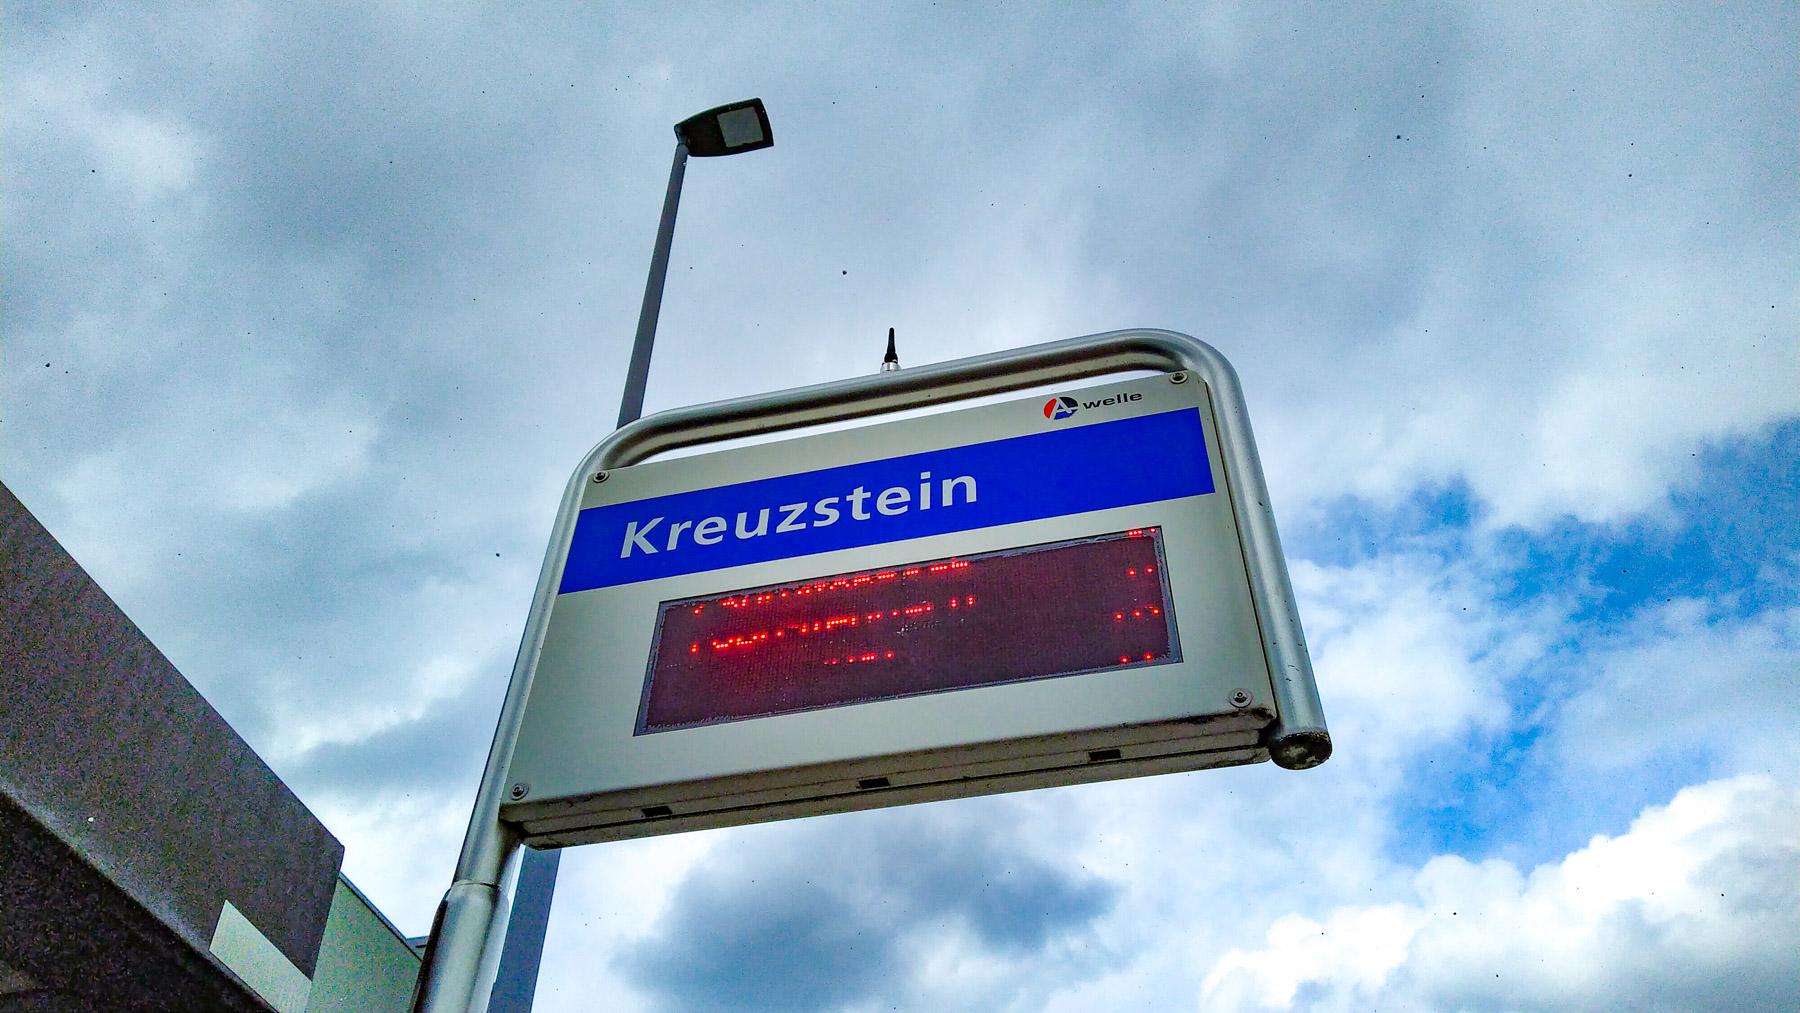 19 Kreuzstein Station